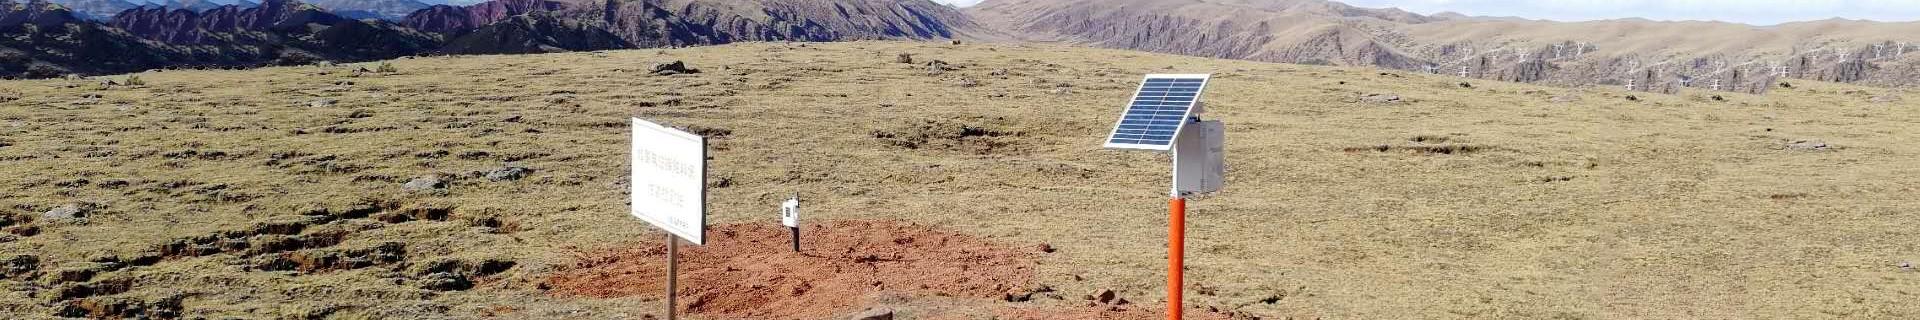 无线土壤温湿度监测站